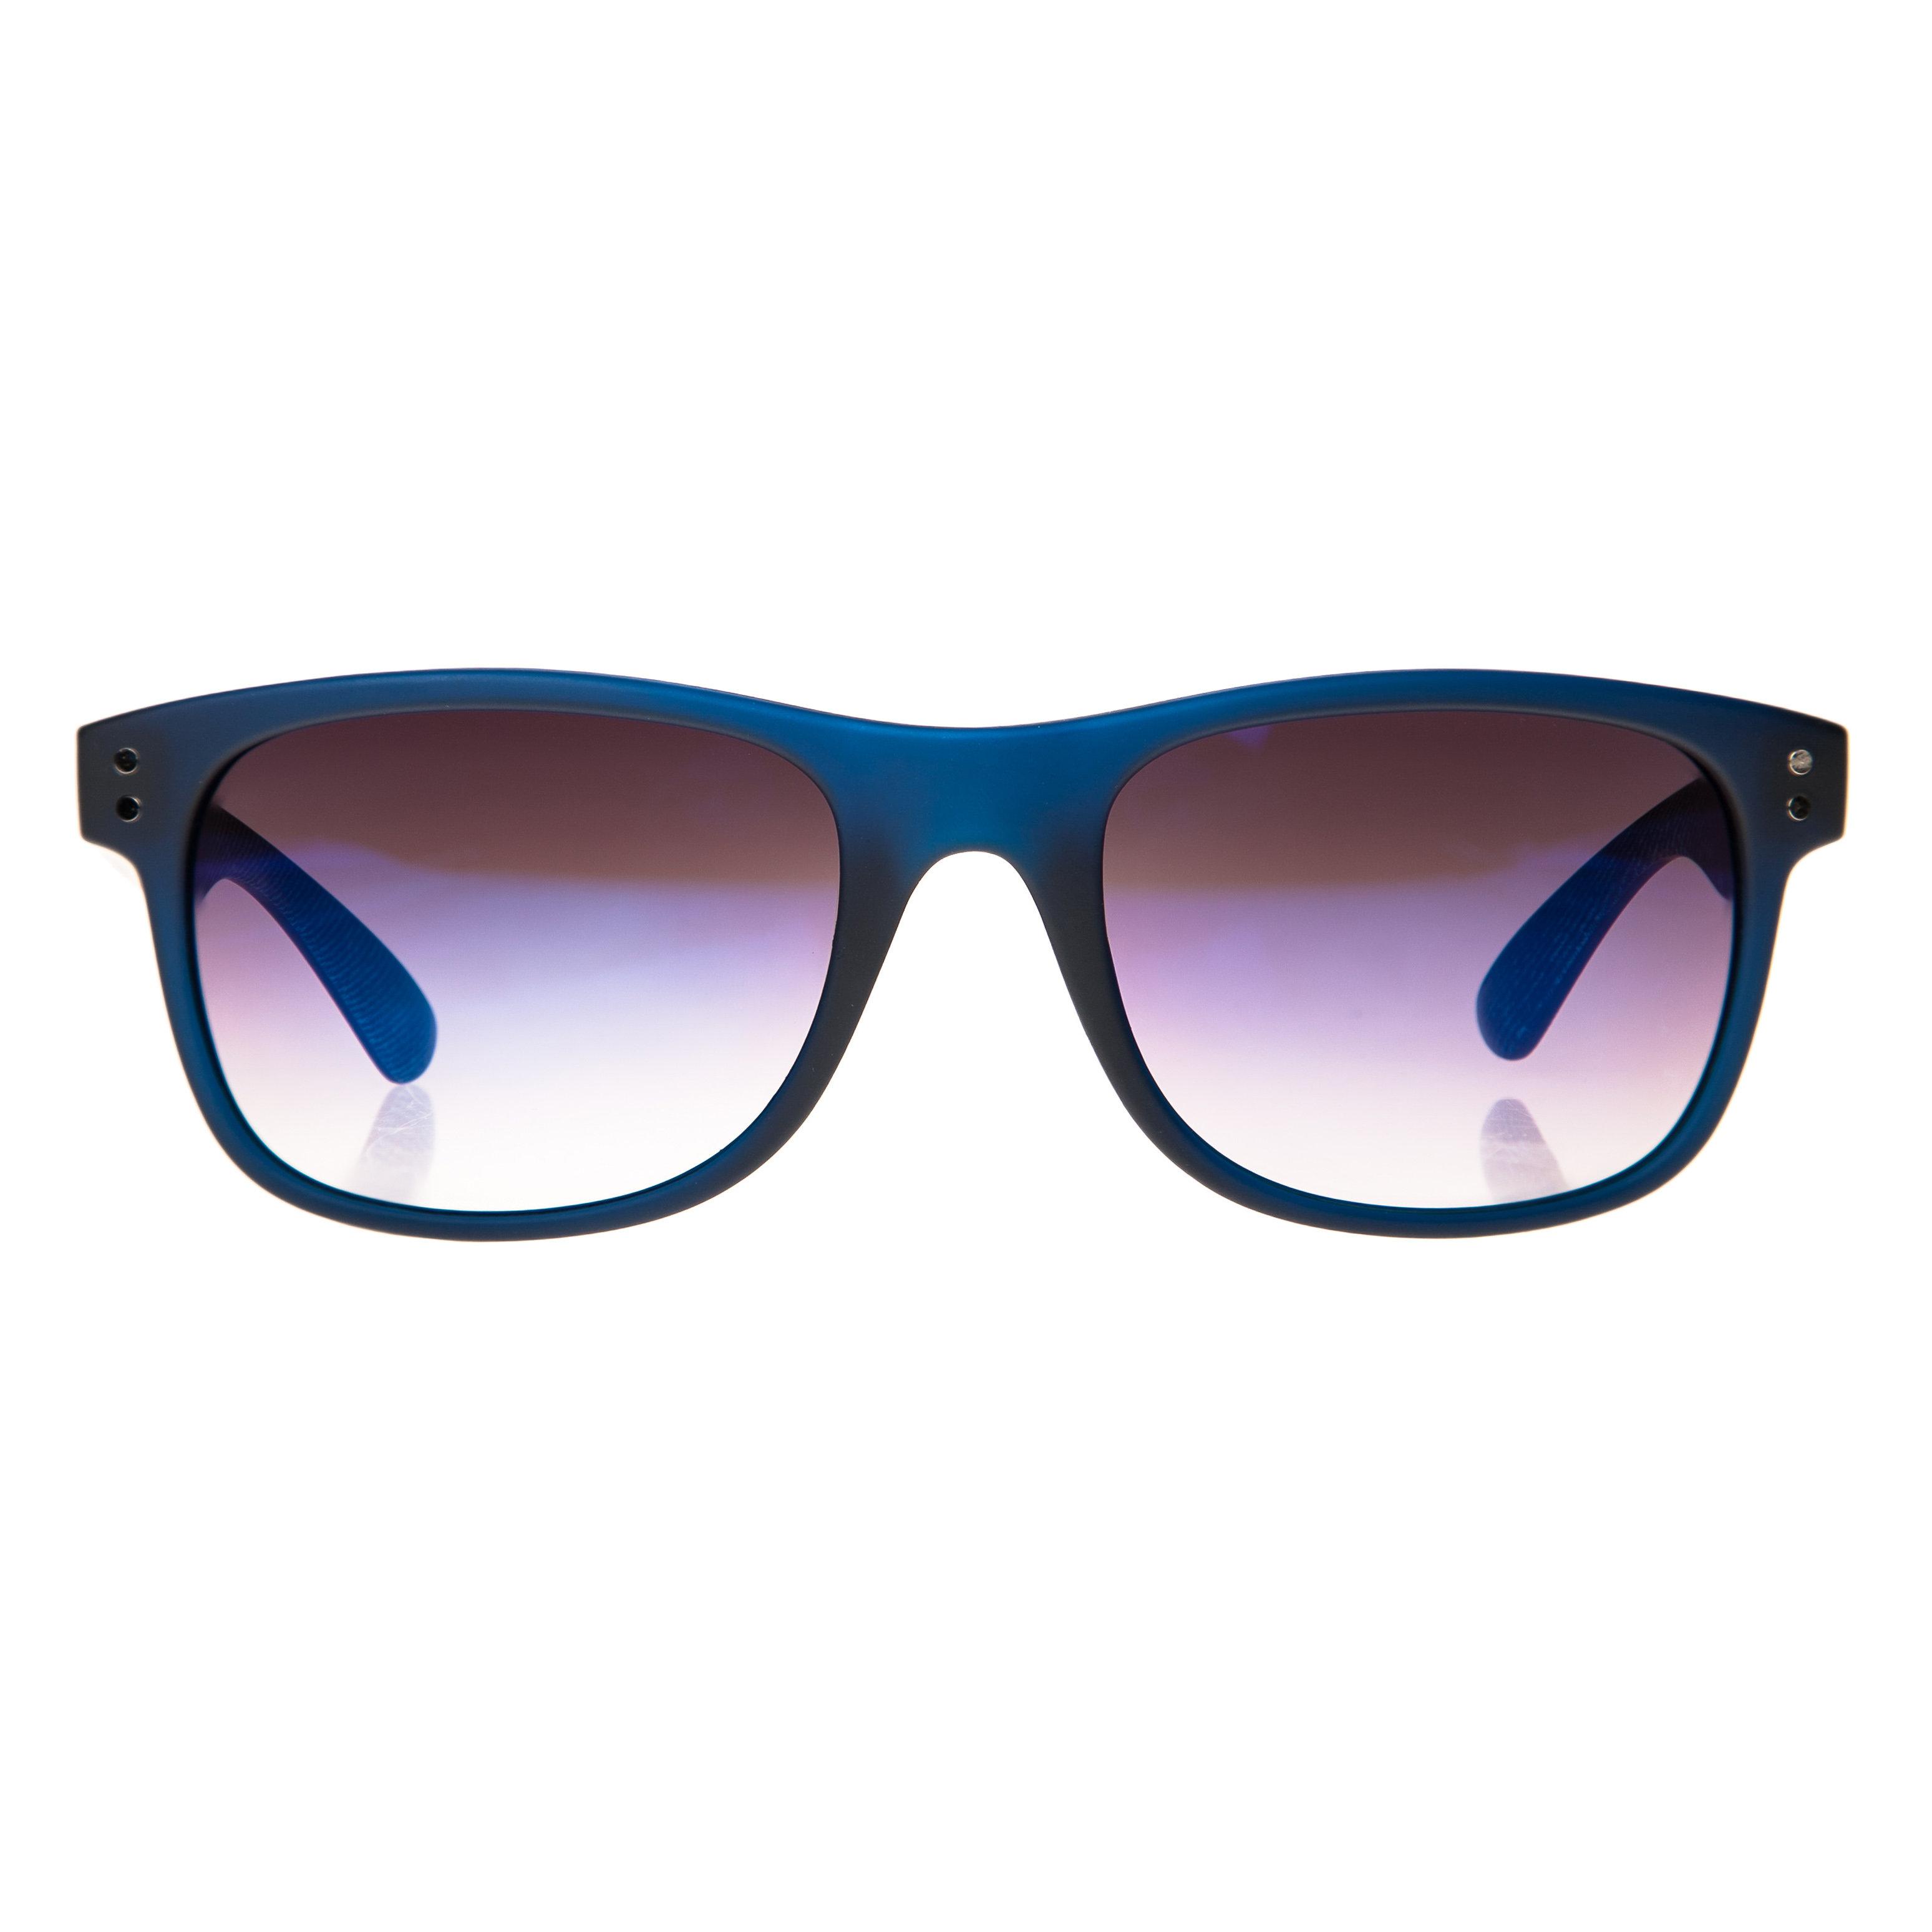 Куплю очки гуглес в тверь купить виртуальные очки к квадрокоптеру spark